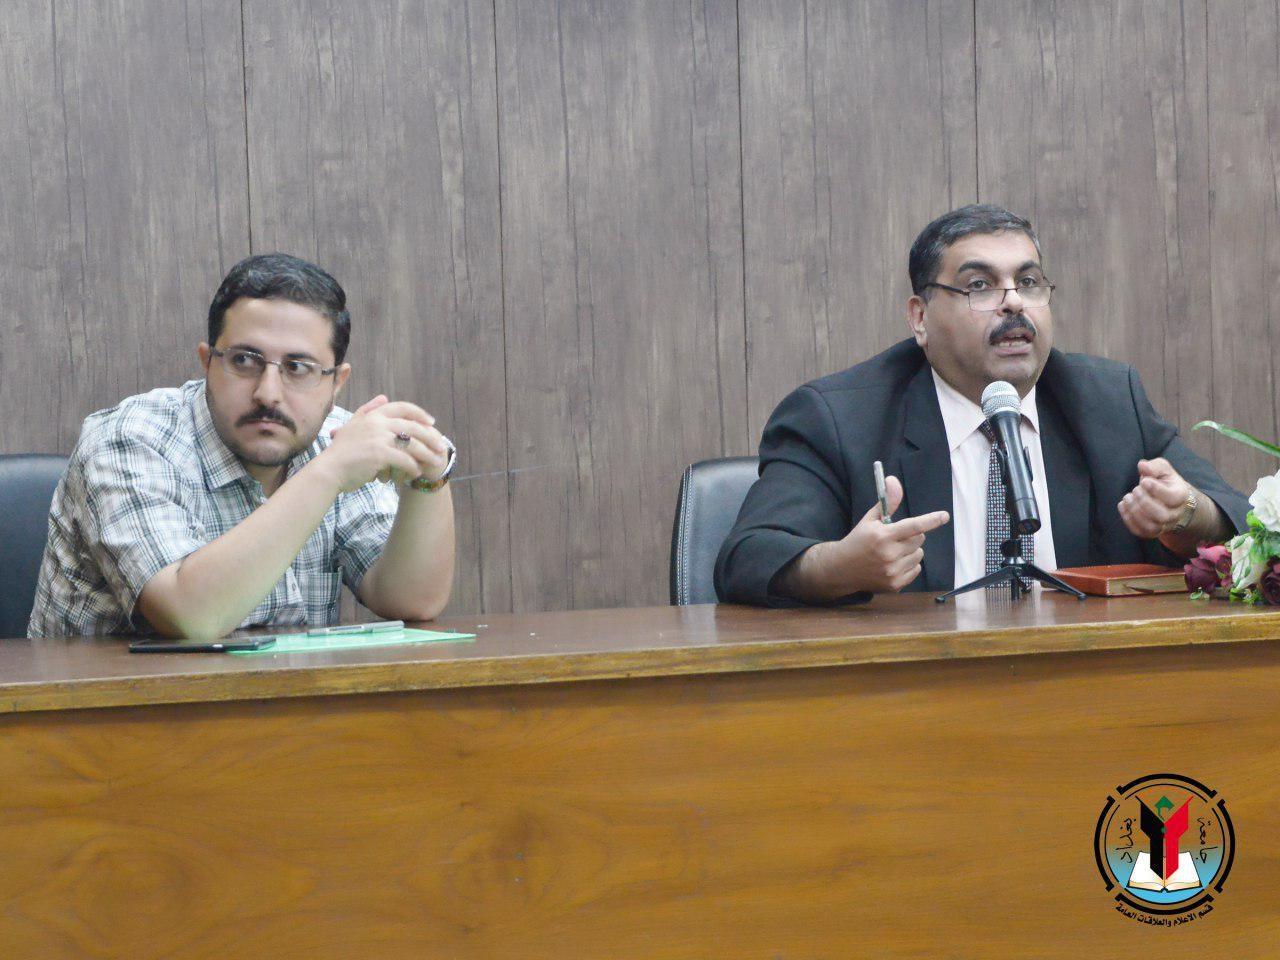 مساعد رئيس جامعة بغداد للشؤون العلمية يترأس اجتماعا لمسؤولي المواقع الالكترونية